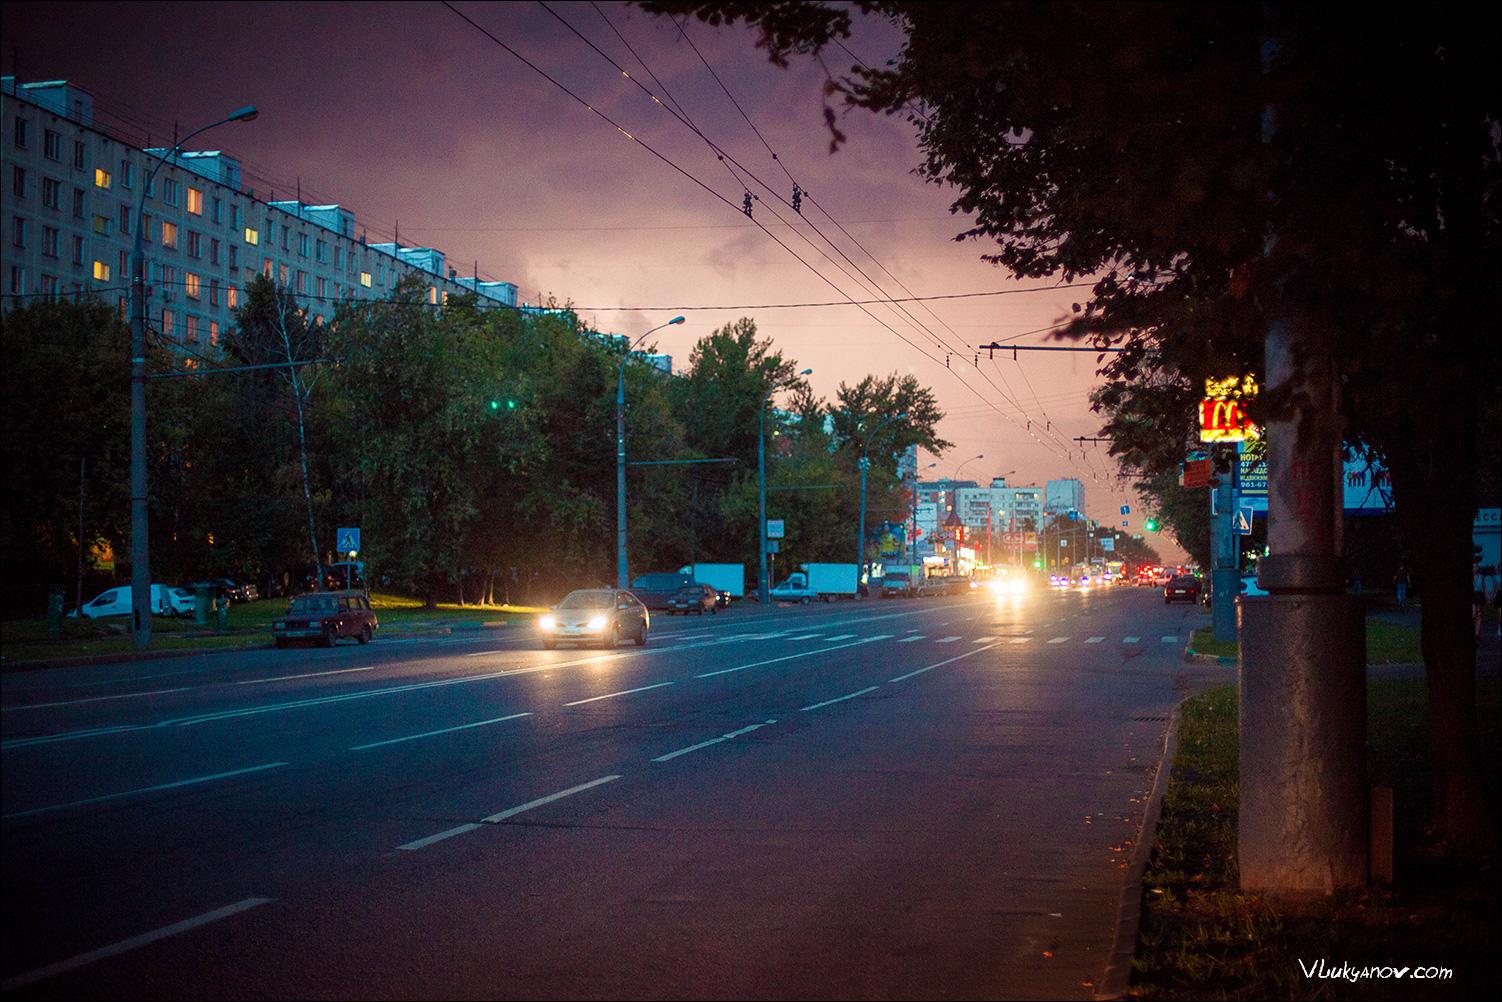 Фотограф, Владимир Лукьянов, Москва, океанариум